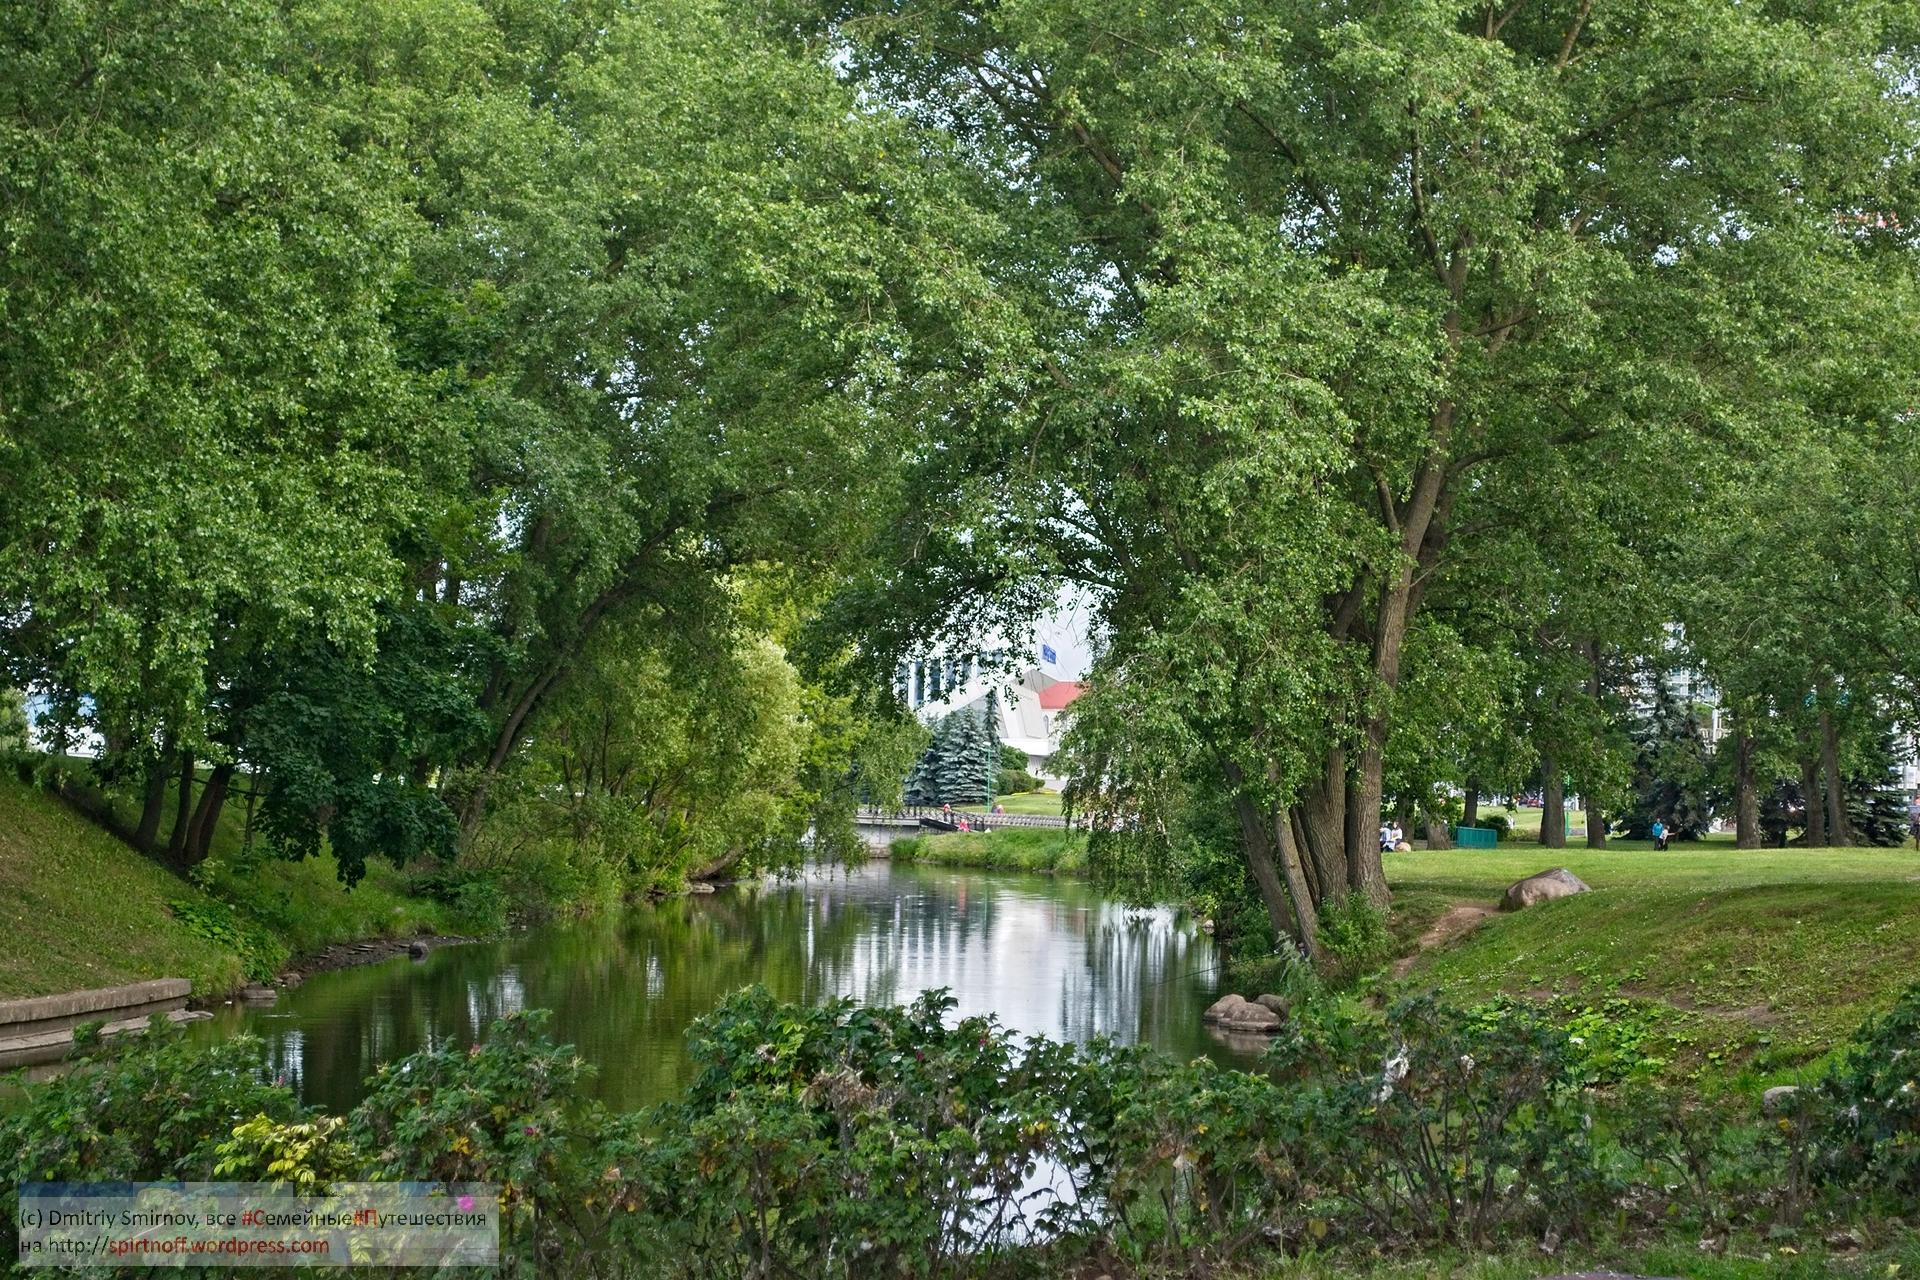 DSC_7032-45-Blog-25 Путешествия  Минск. Музей Великой Отечественной Войны и Парк Победы